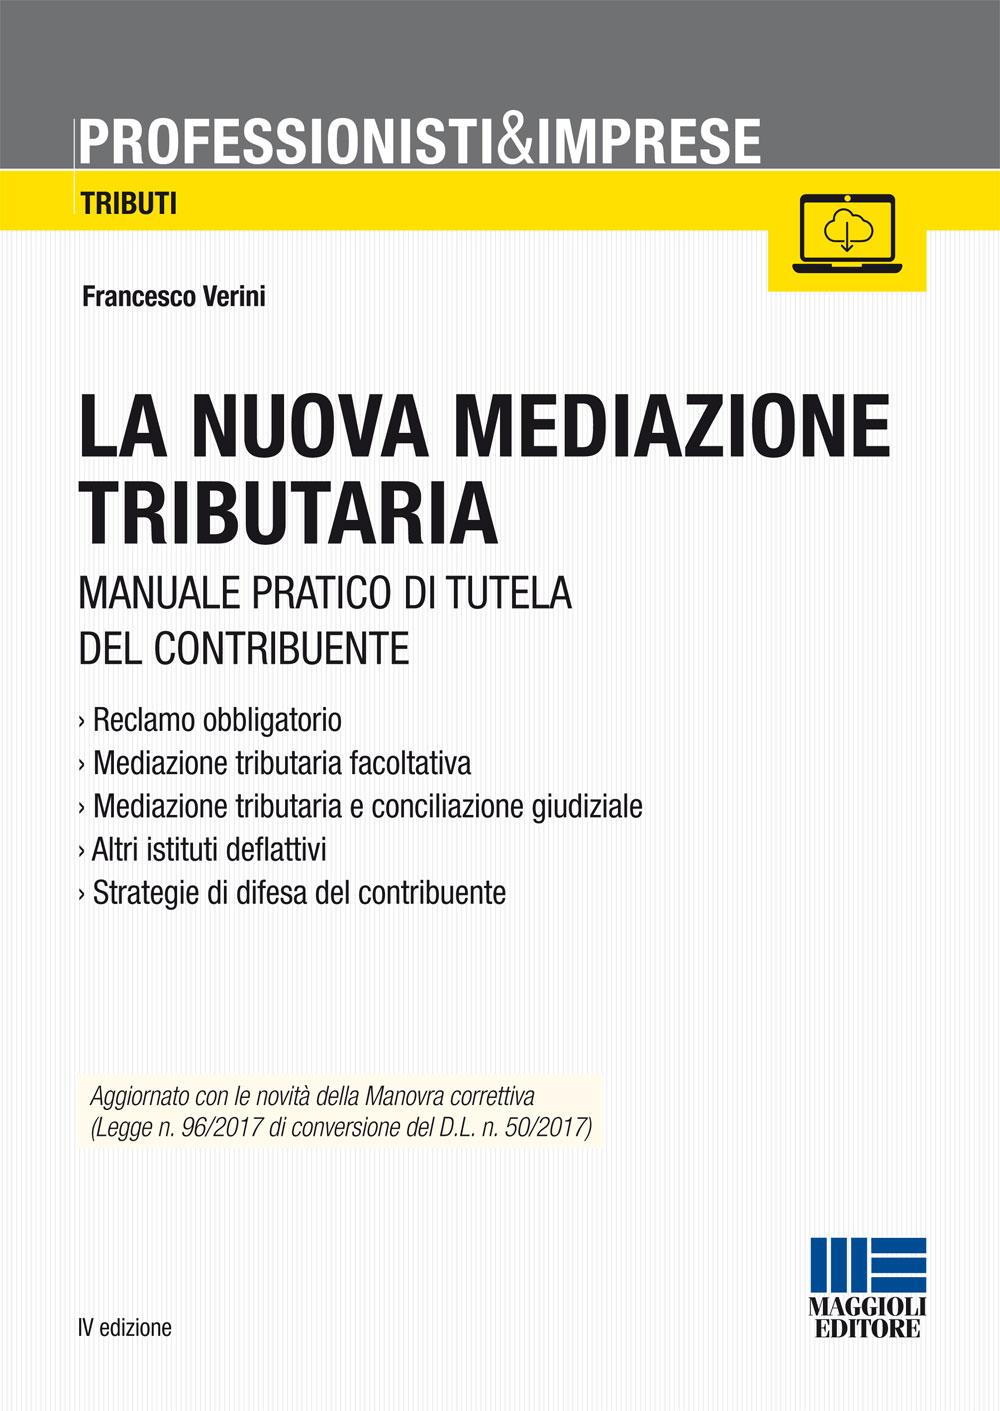 La nuova mediazione tributaria - Libro